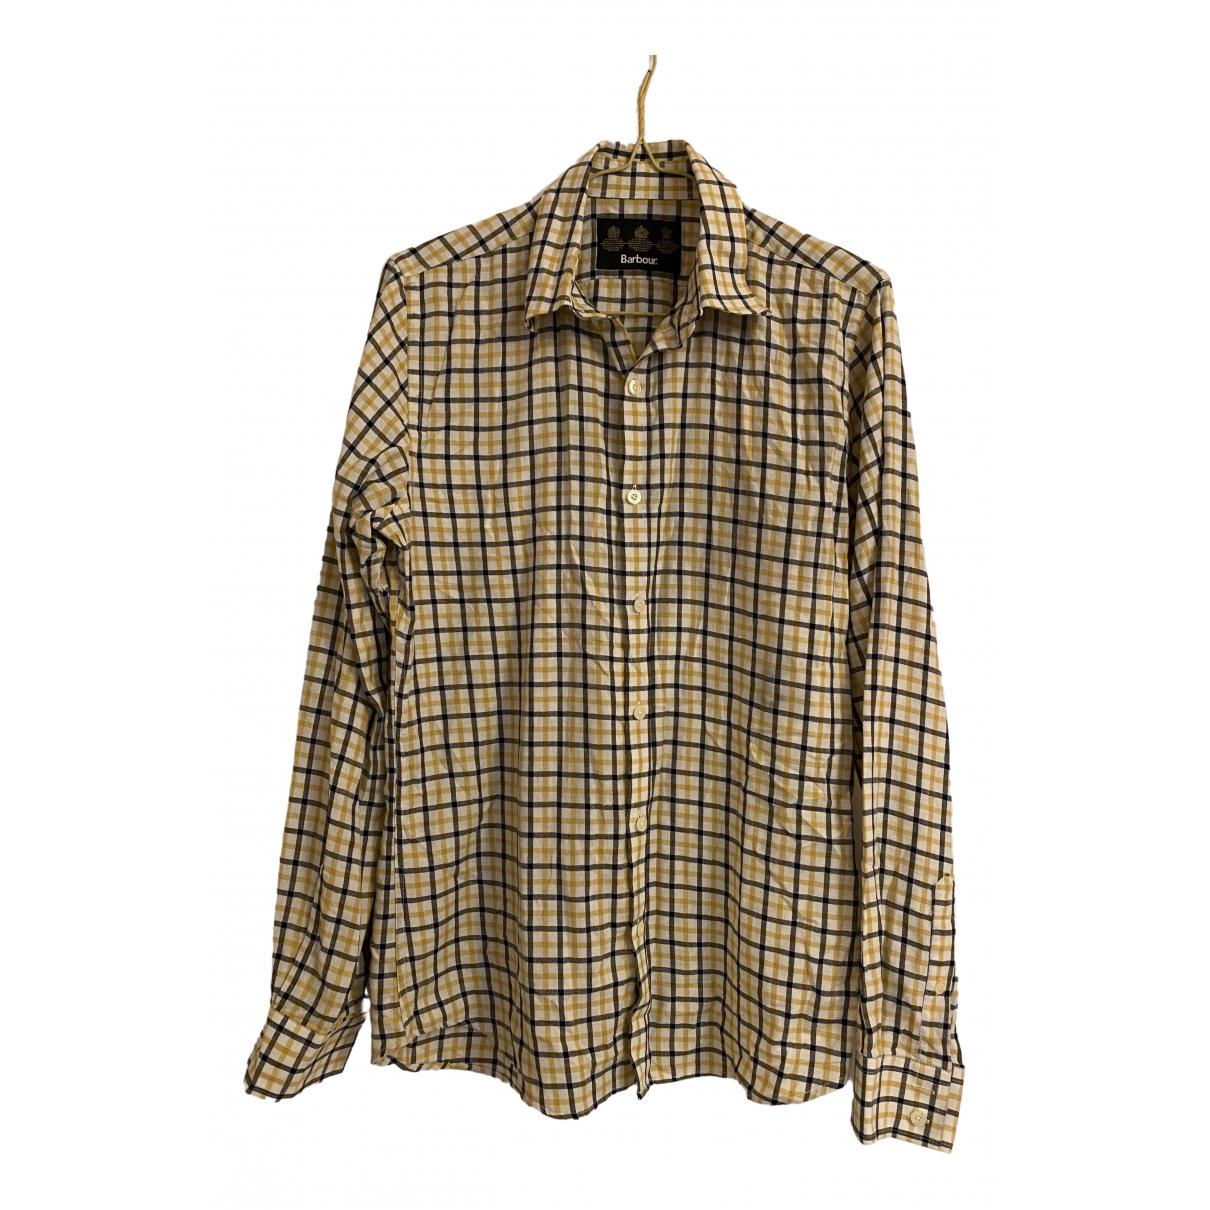 Barbour - Chemises   pour homme en coton - multicolore